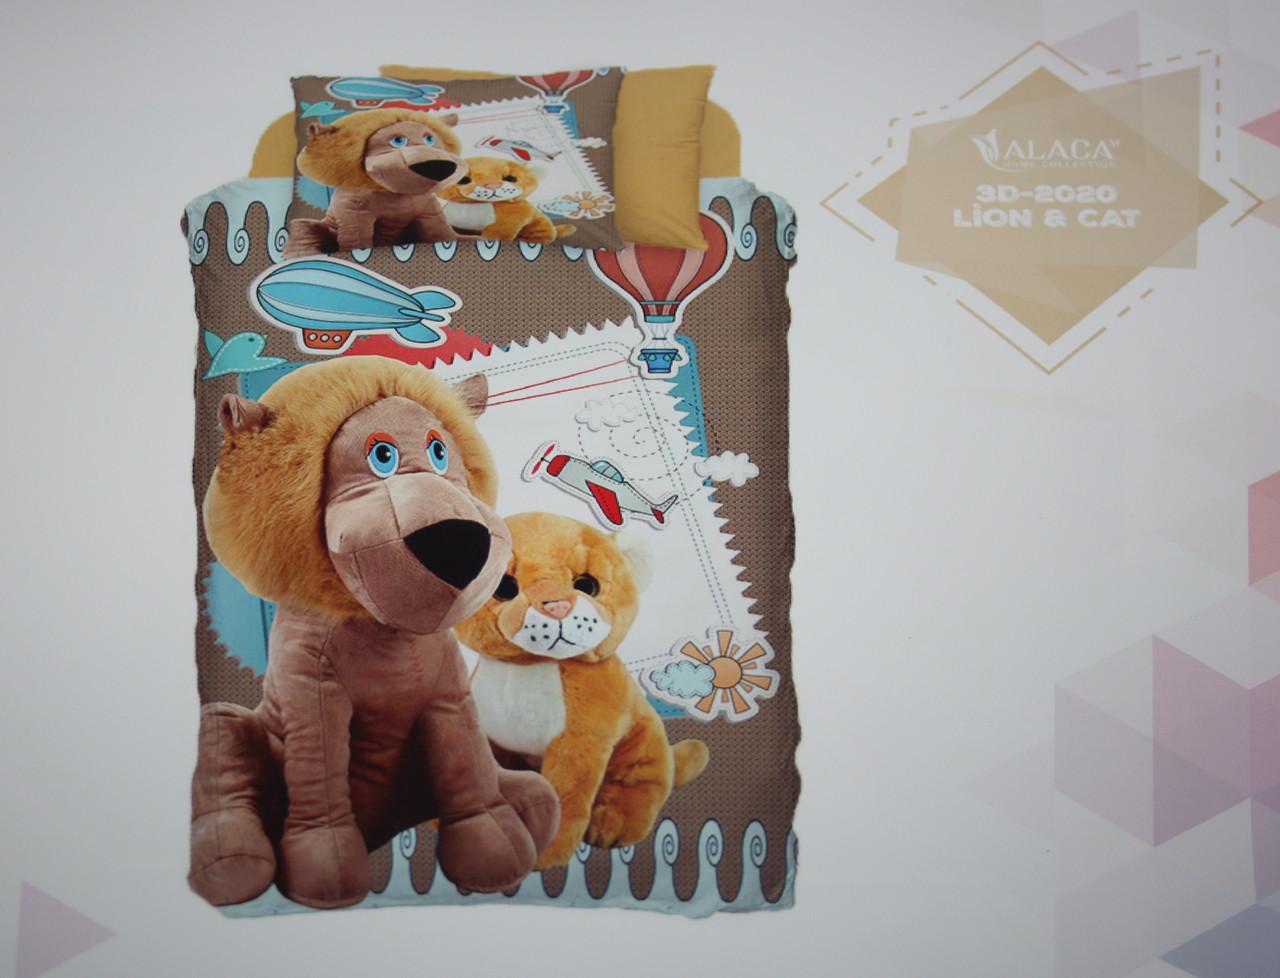 Детское постельное белье Alaca 3D Lion & Cat